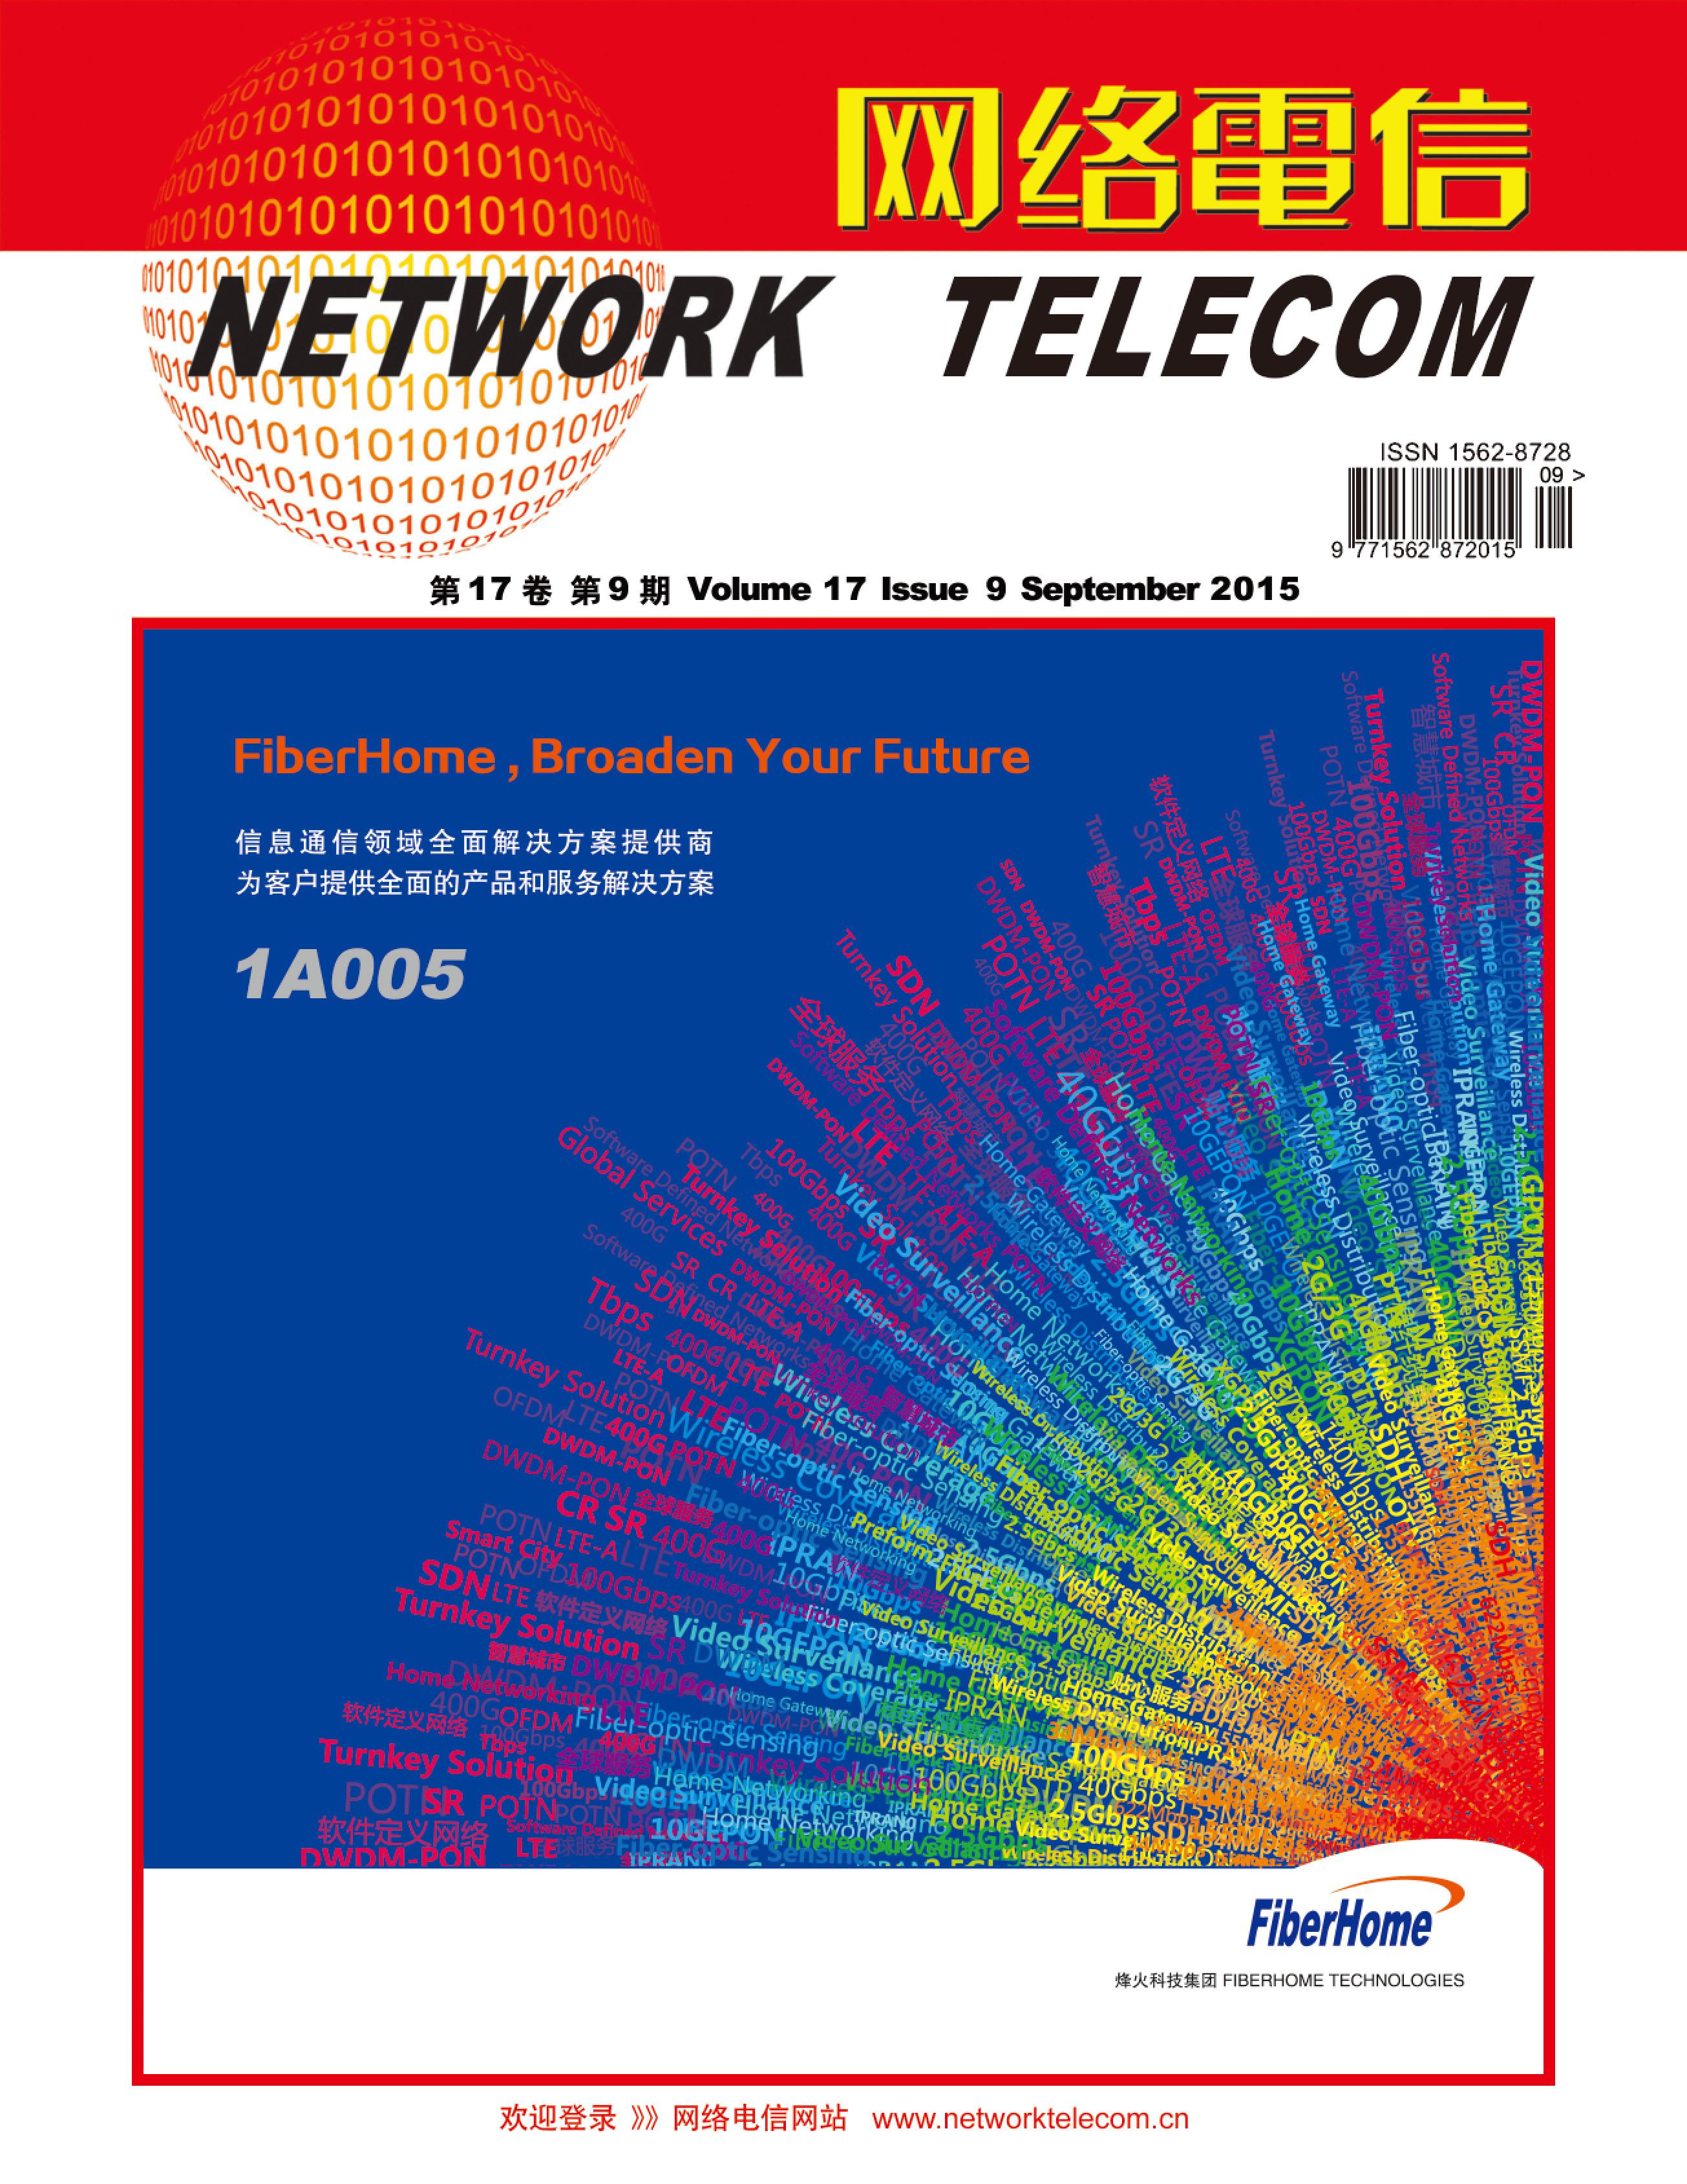 《网络电信》微杂志——2015年9月刊